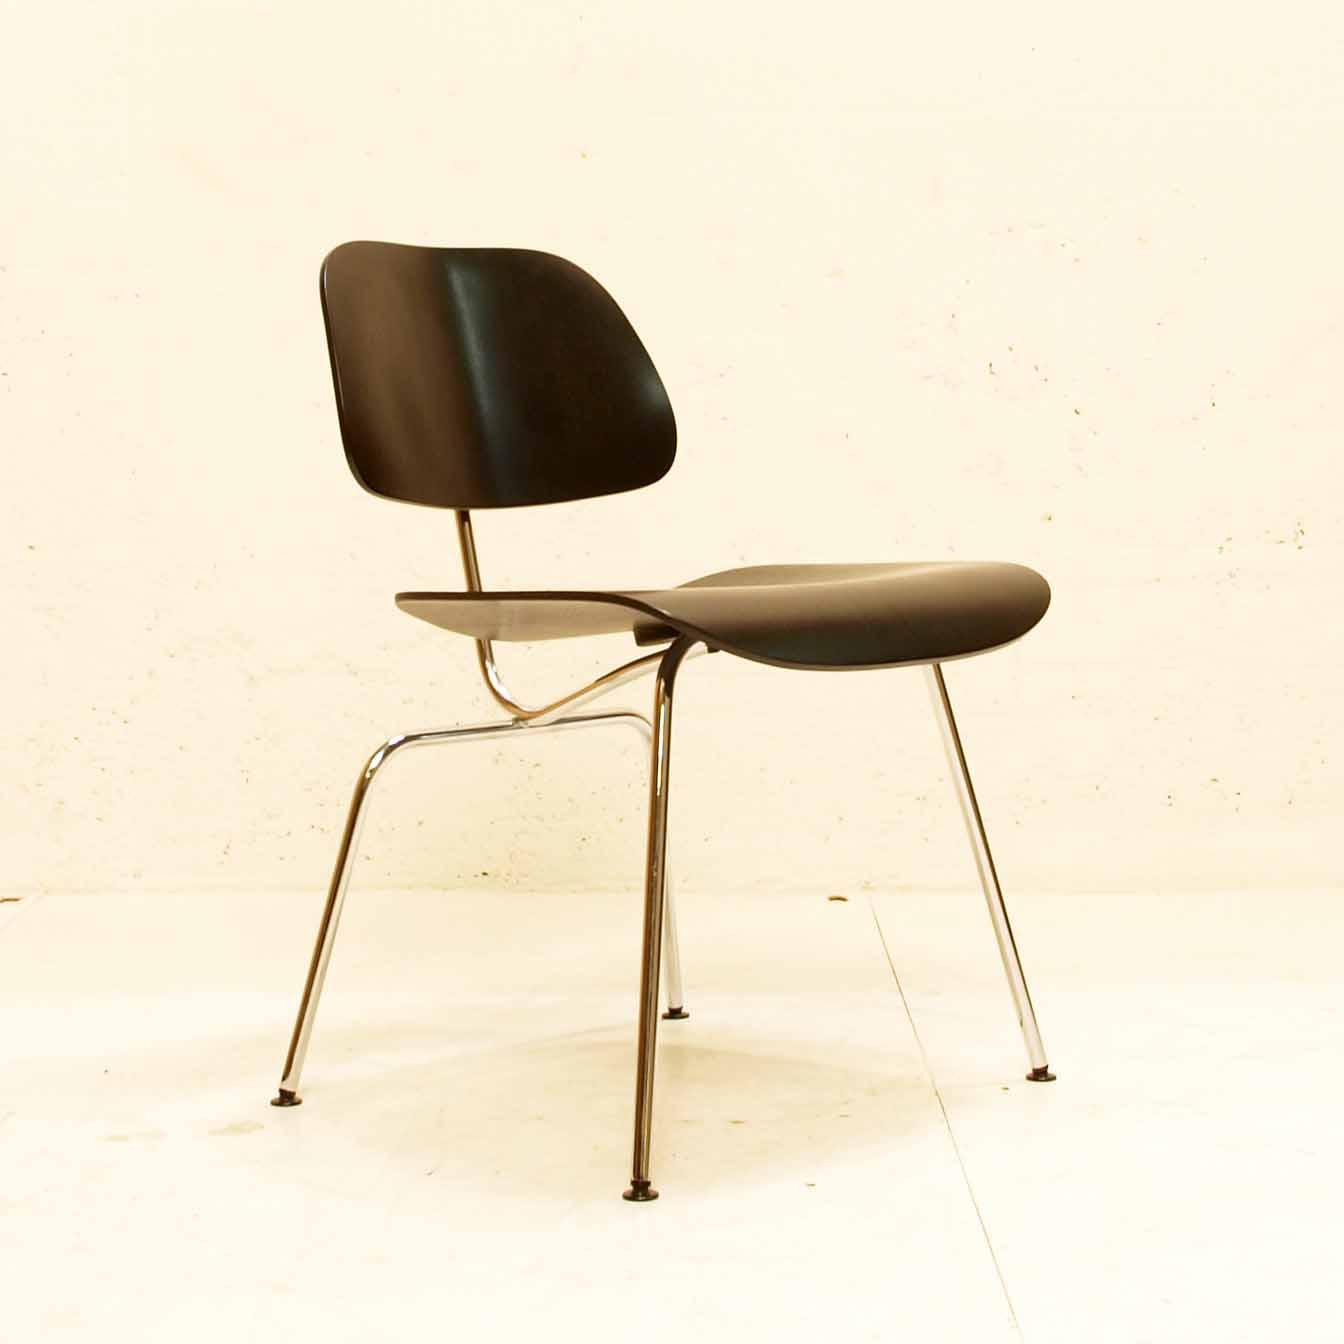 Lcm Lounge Chair Metal Stuhl Von Charles Eames Für Vitra Möbel